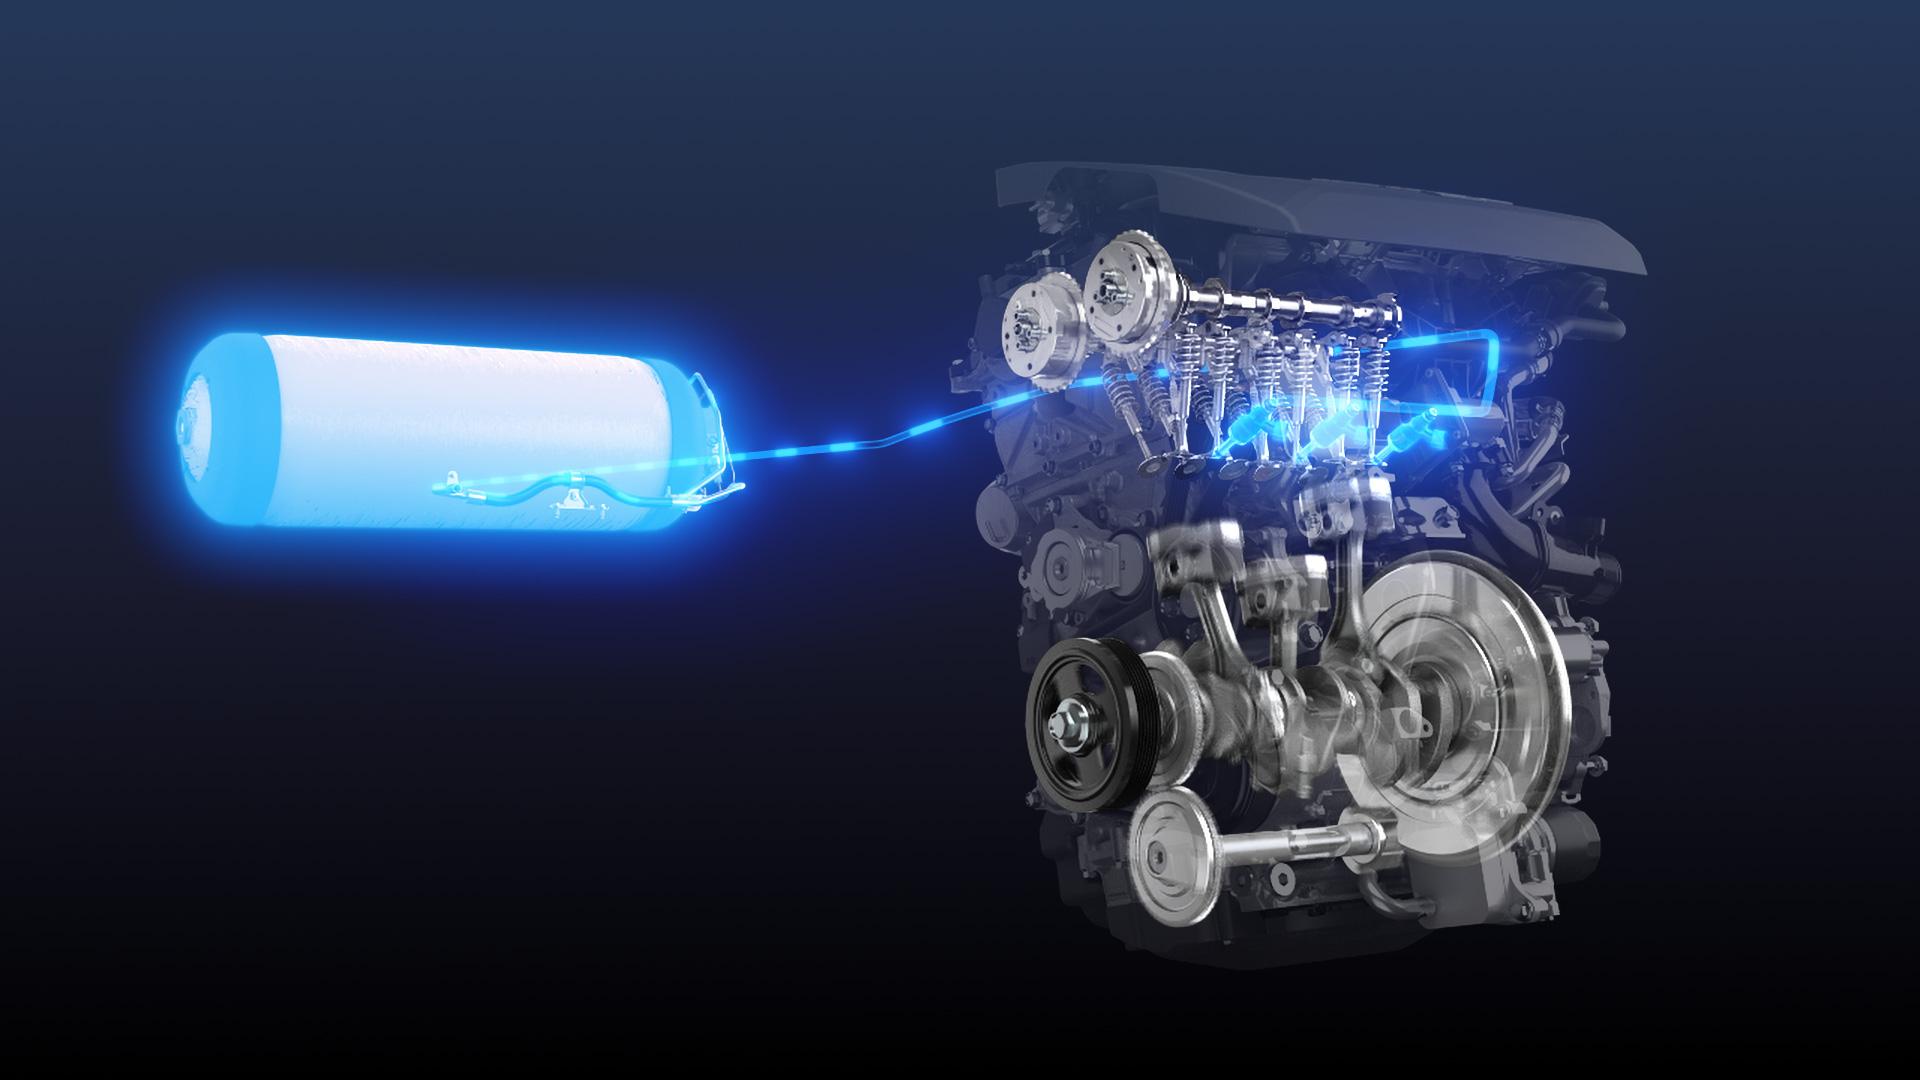 The three-cylinder engine burns hydrogen, not gasoline.